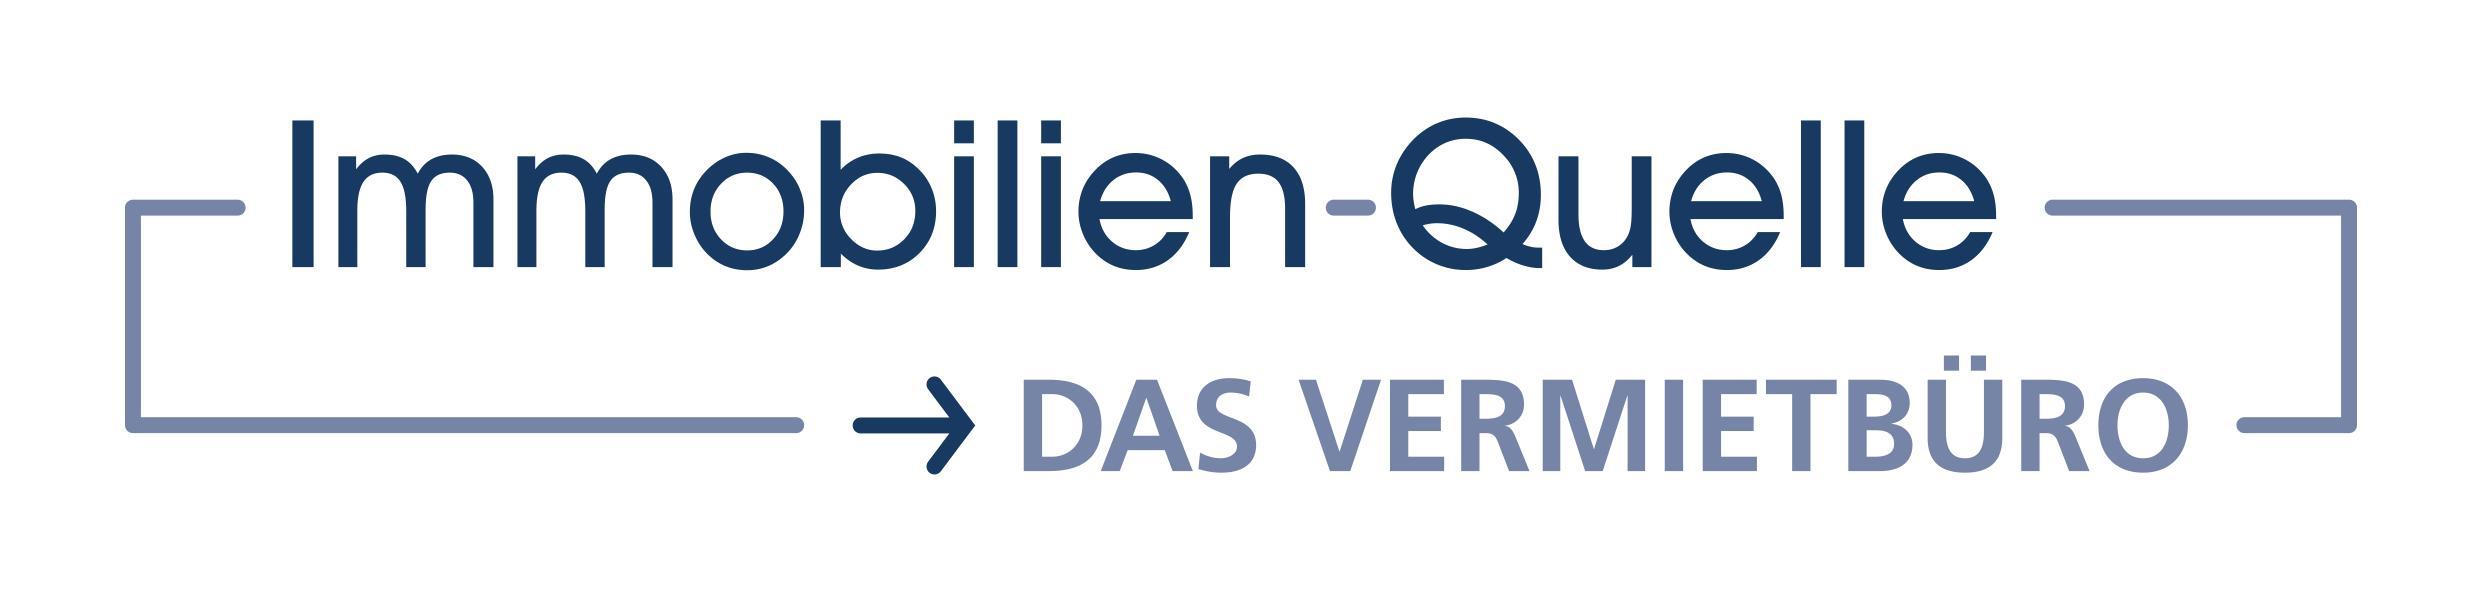 Hier sehen Sie das Logo von Immobilien-Quelle, DAS VERMIETBÜRO